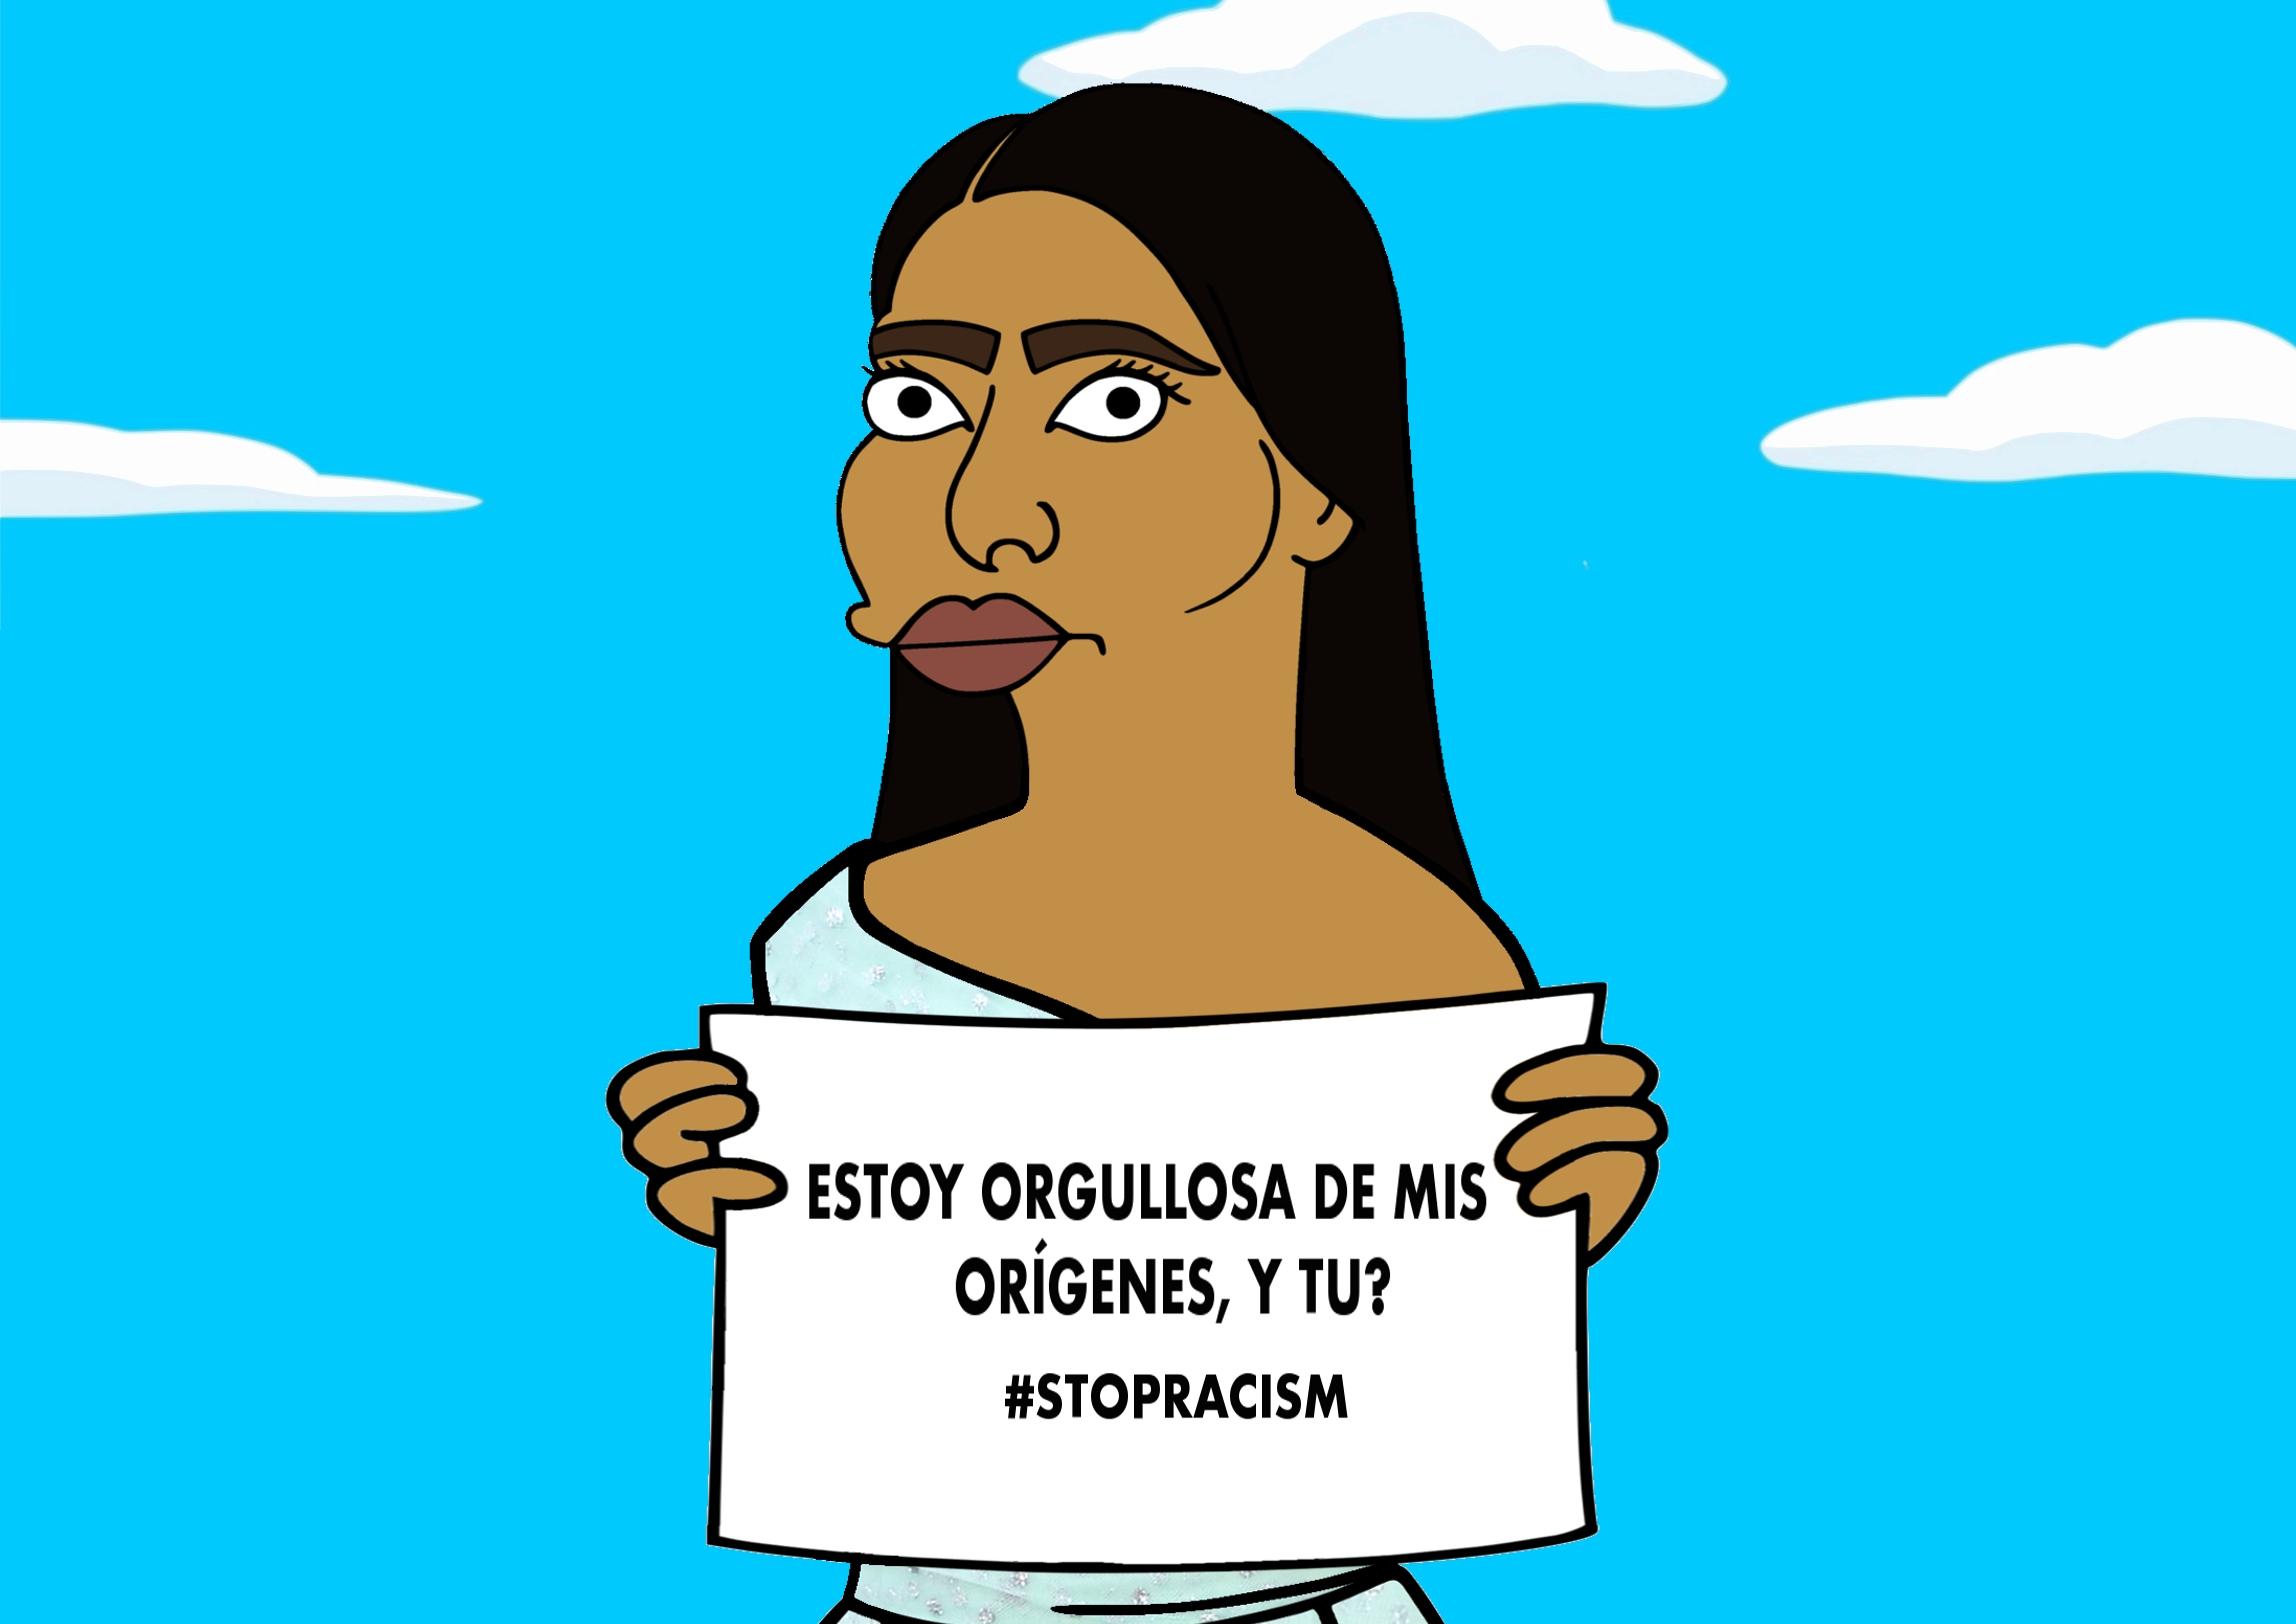 Yalitza Aparicio ha sido objeto de comentarios racistas y esta campaña busca criticar eso (Foto Prensa Libre: Alexsandro Palombo).